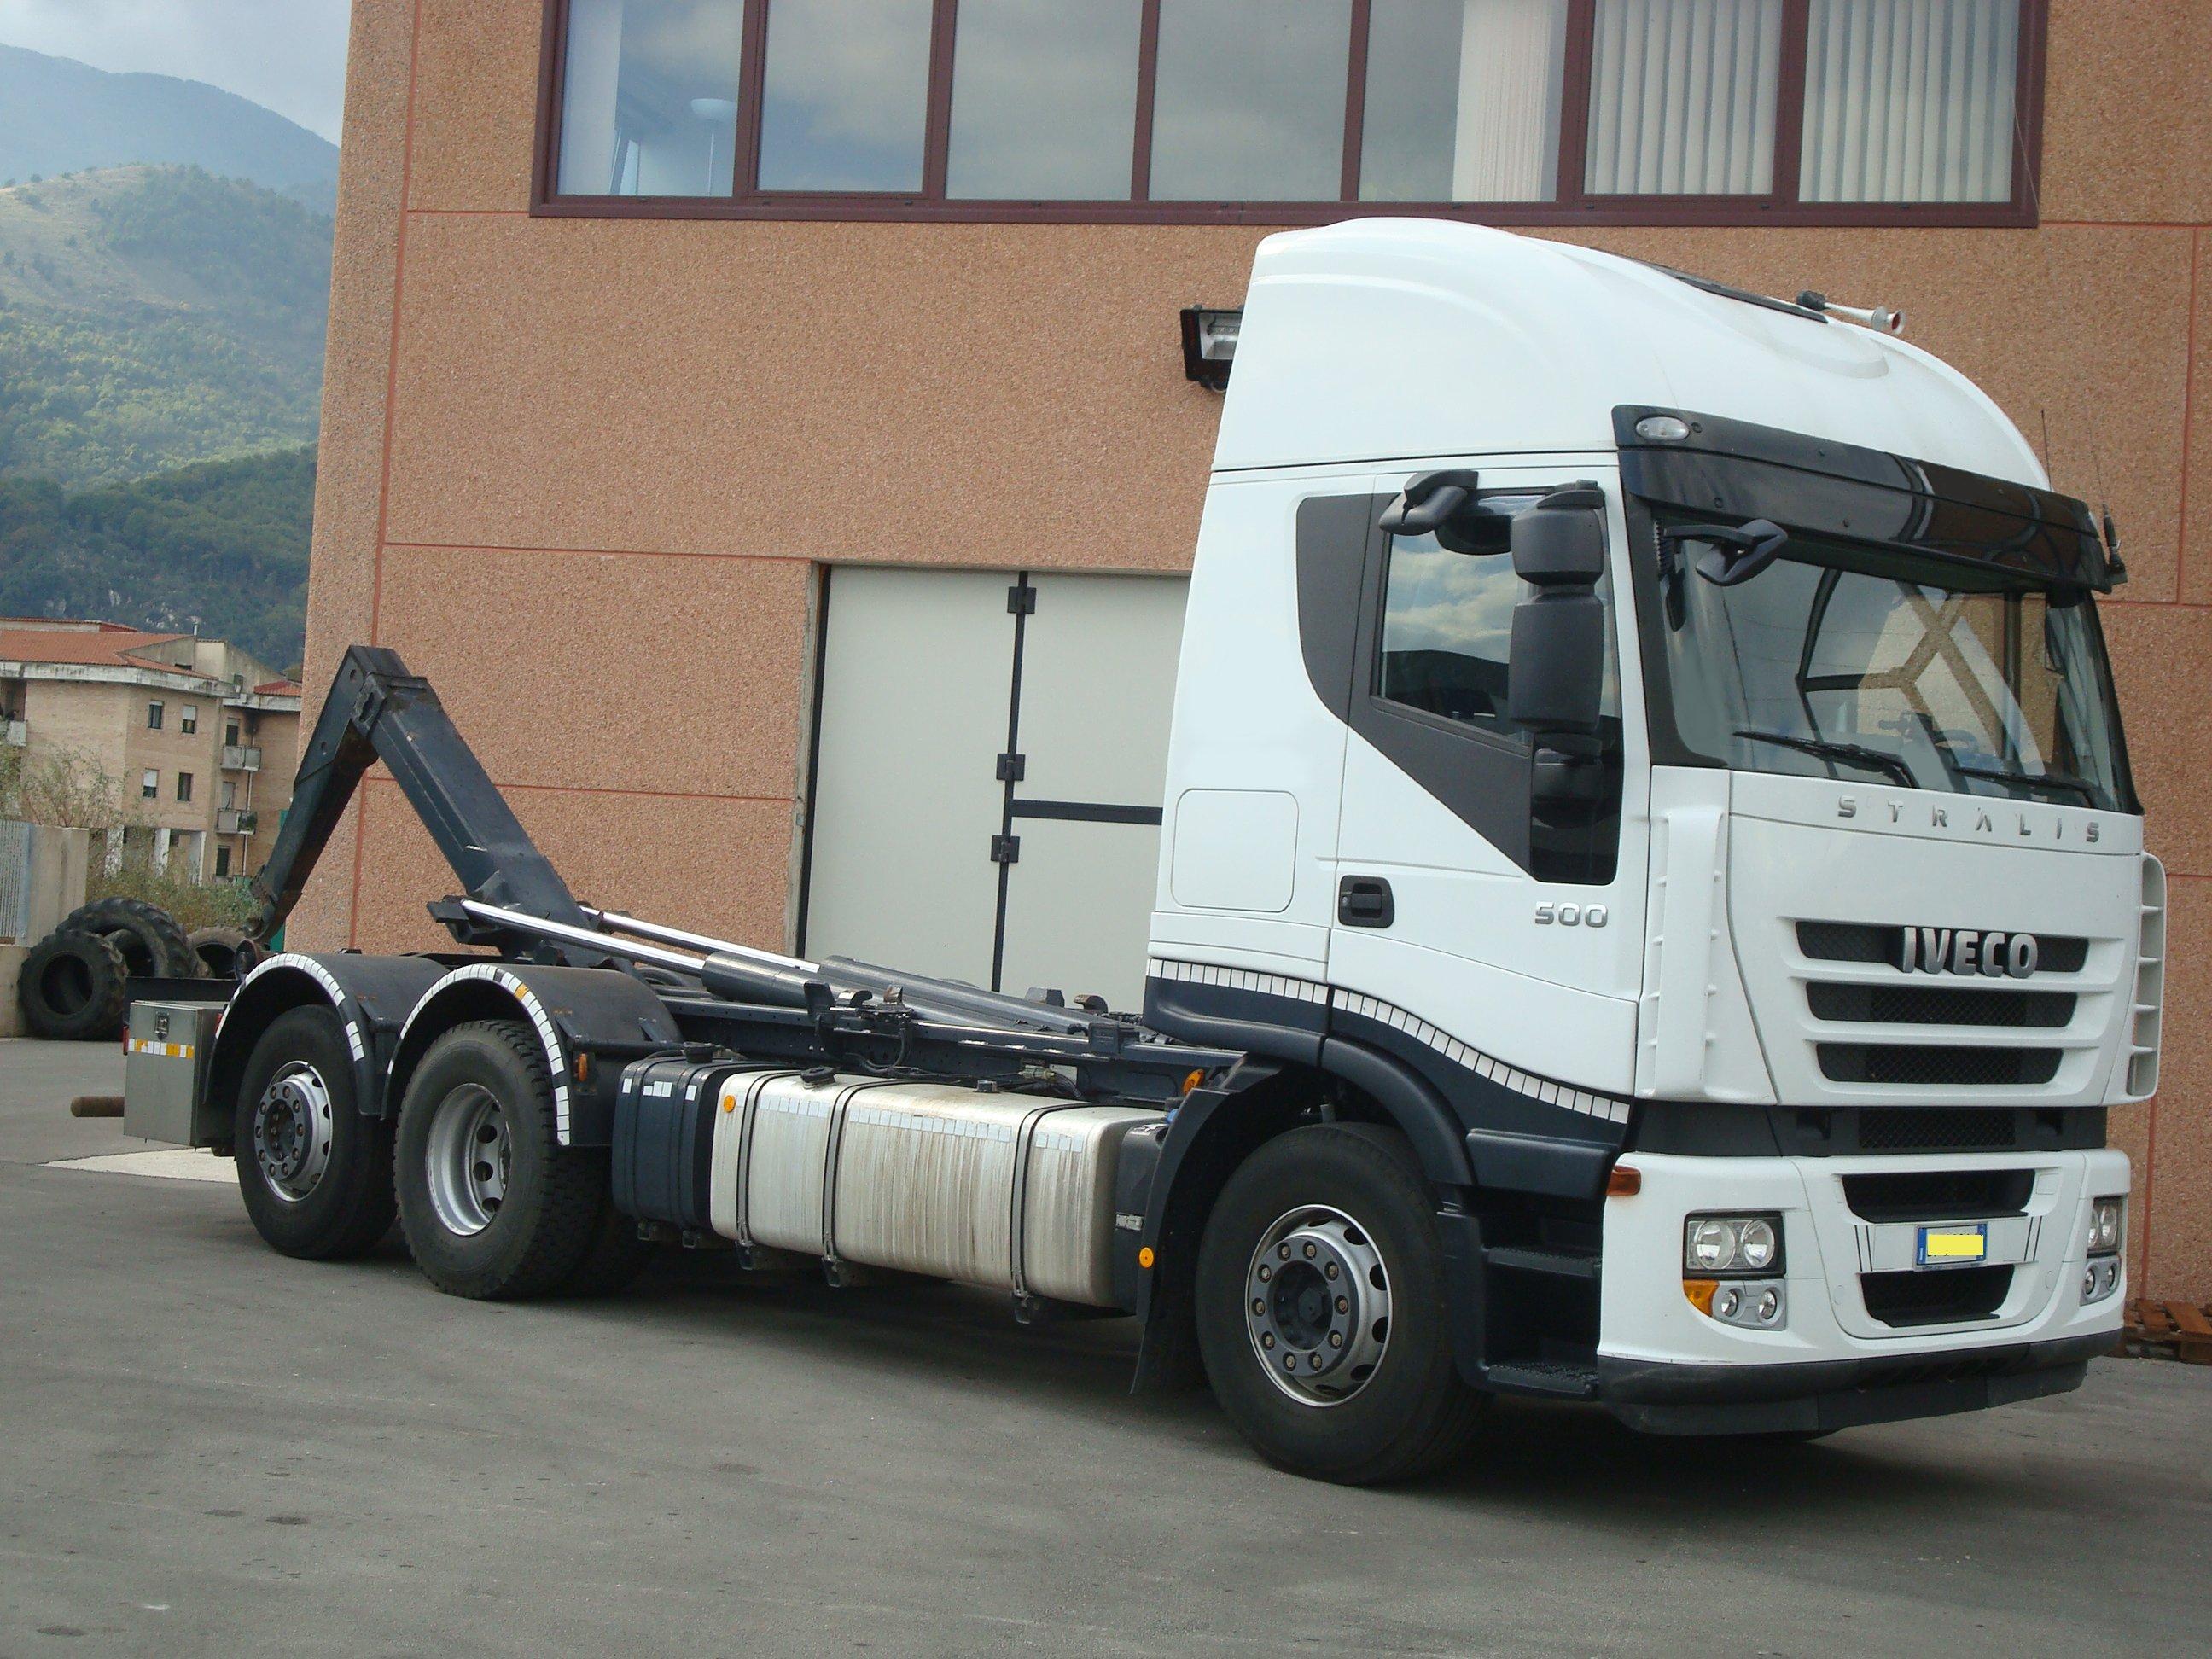 Camion della RAF